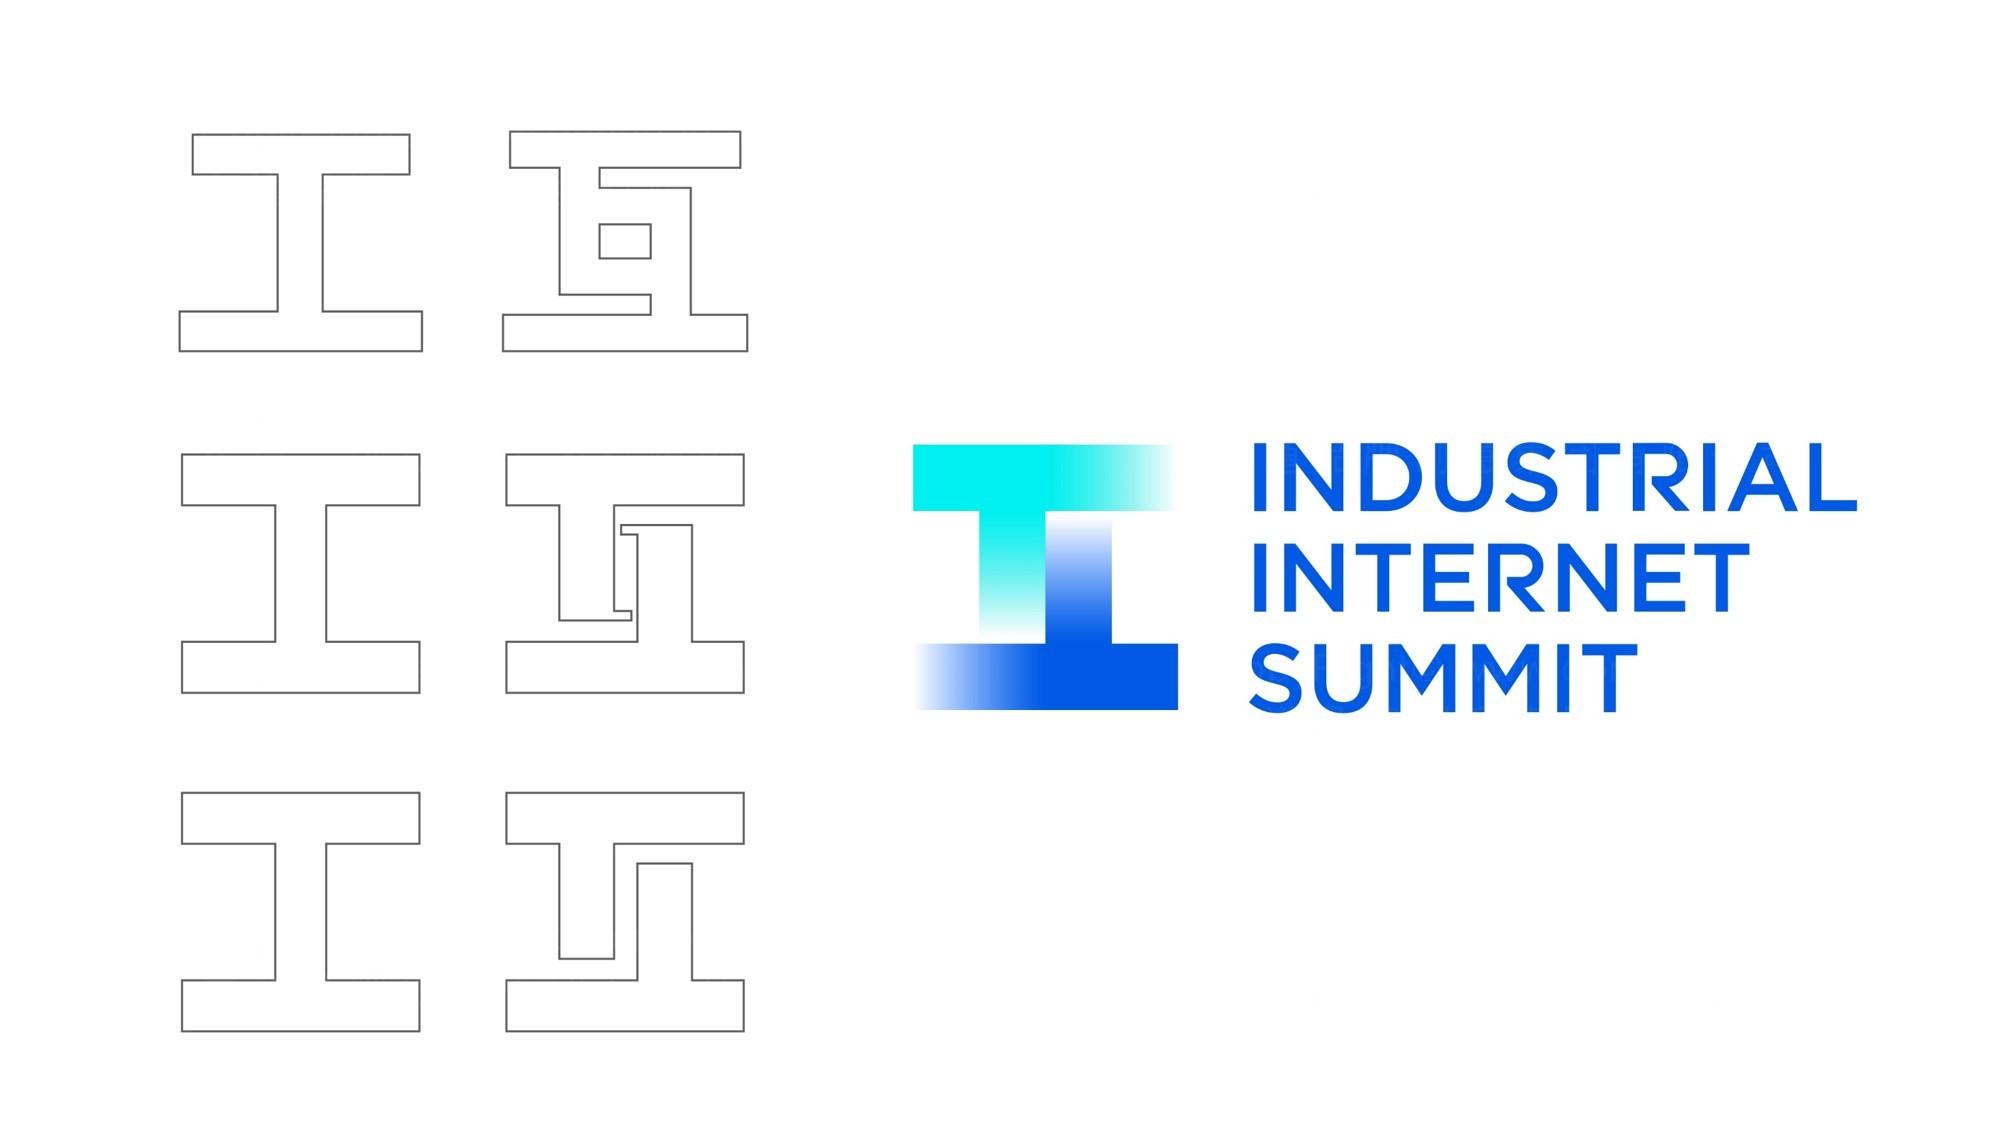 政府组织品牌设计工业互联网峰会LOGO设计